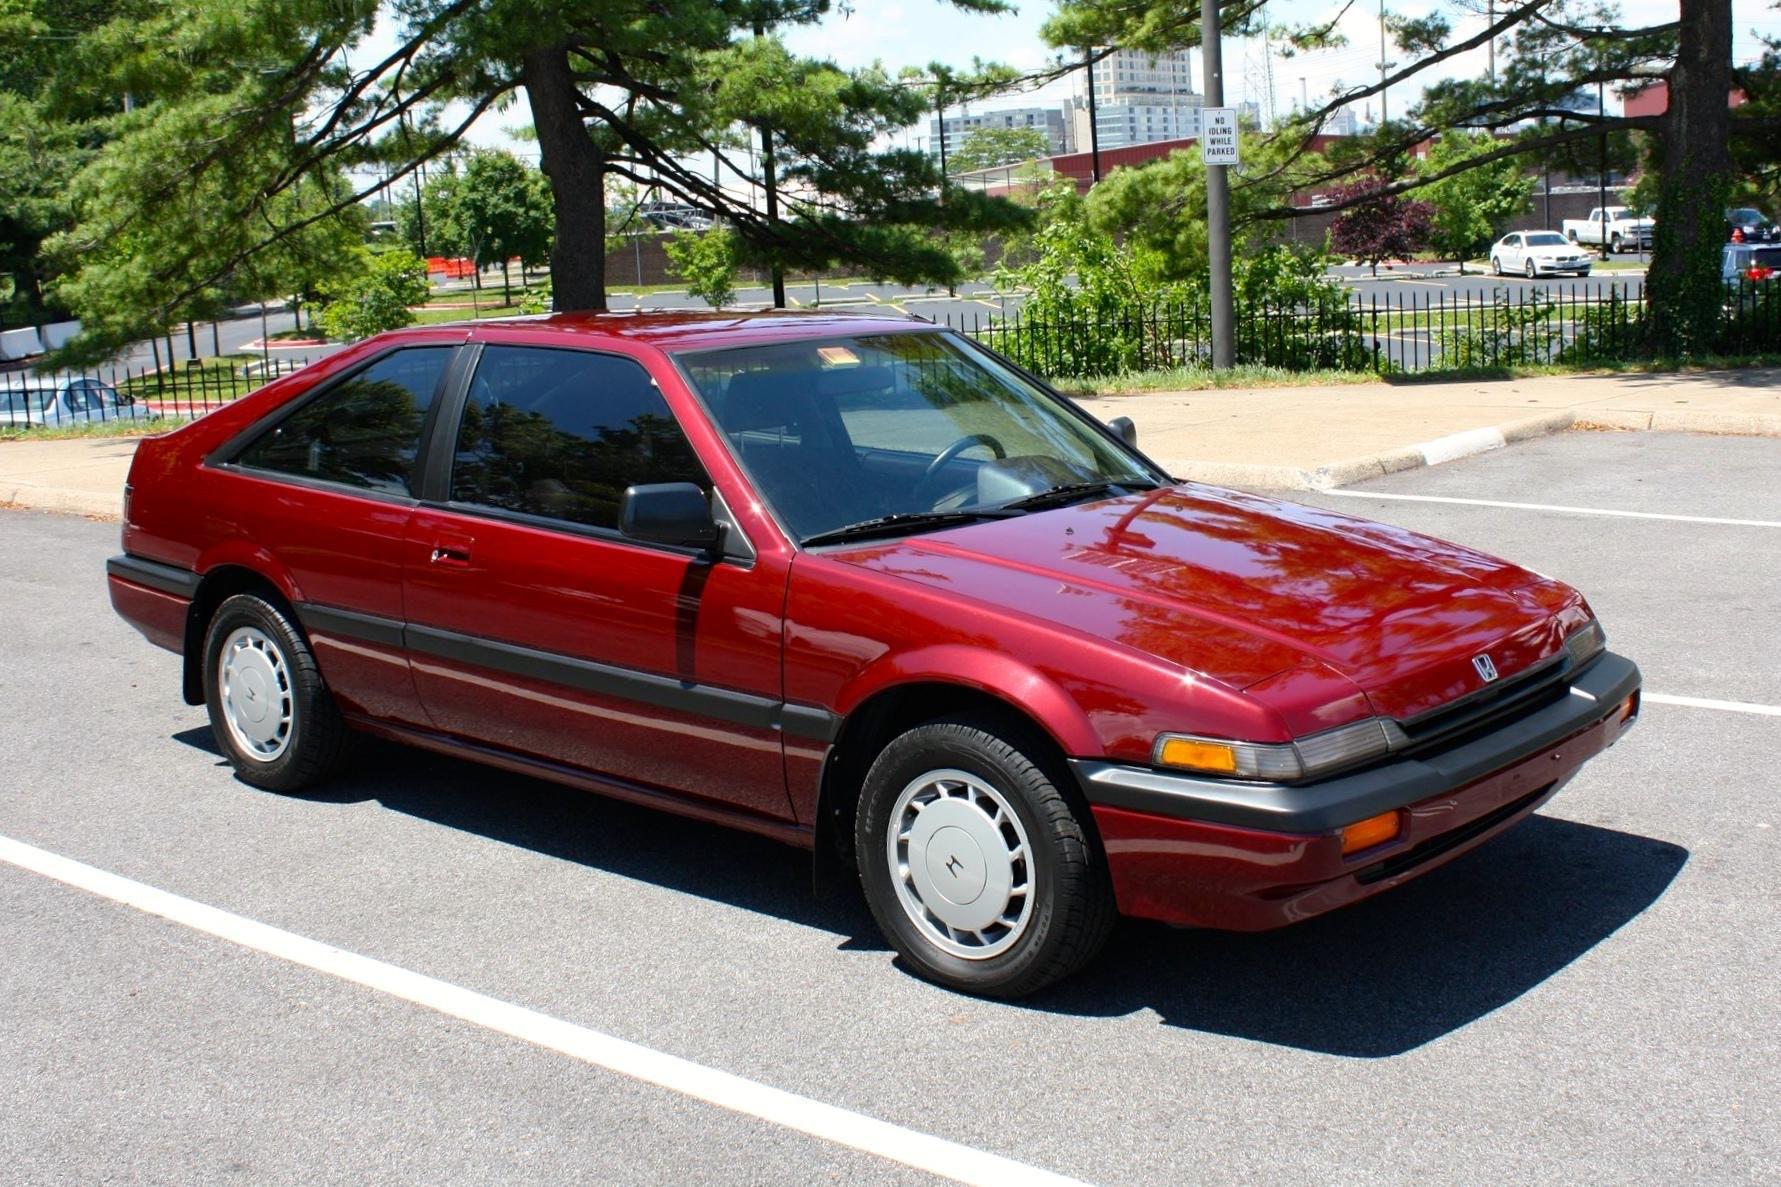 1988 Honda Accord LXi Hatchback